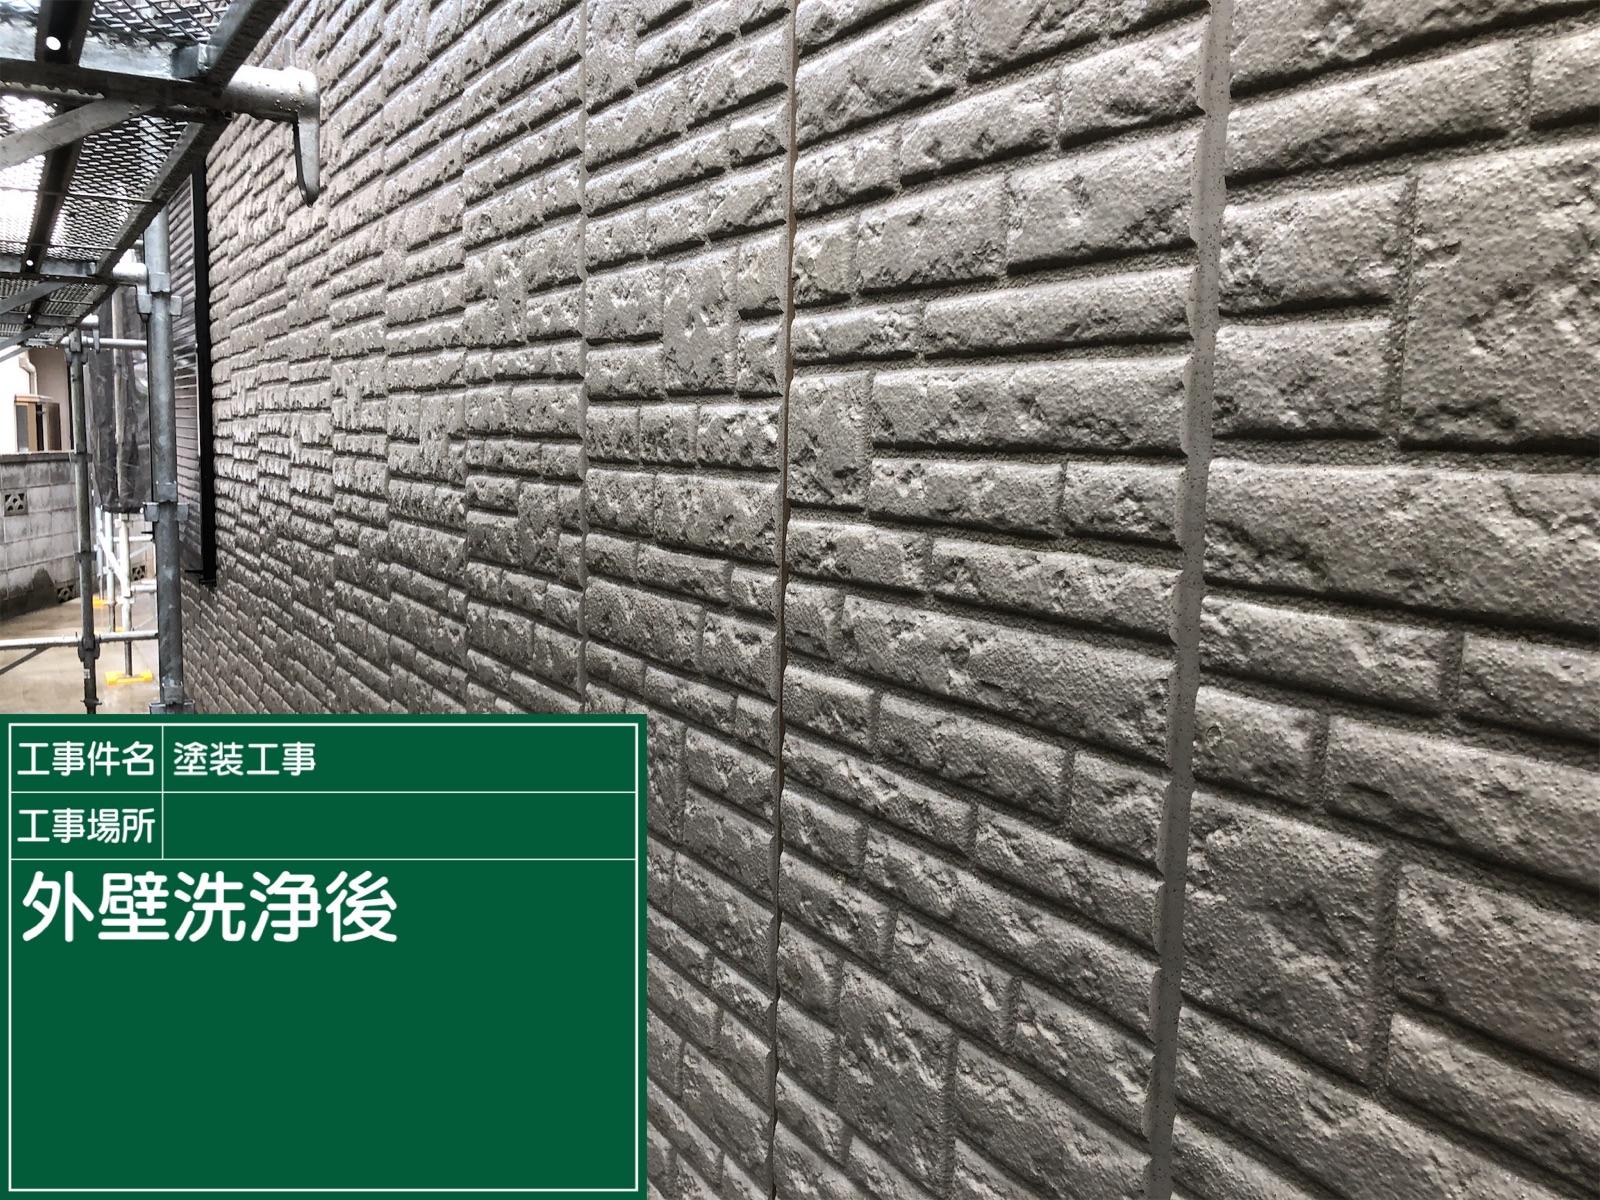 高圧洗浄後外壁(2)300009